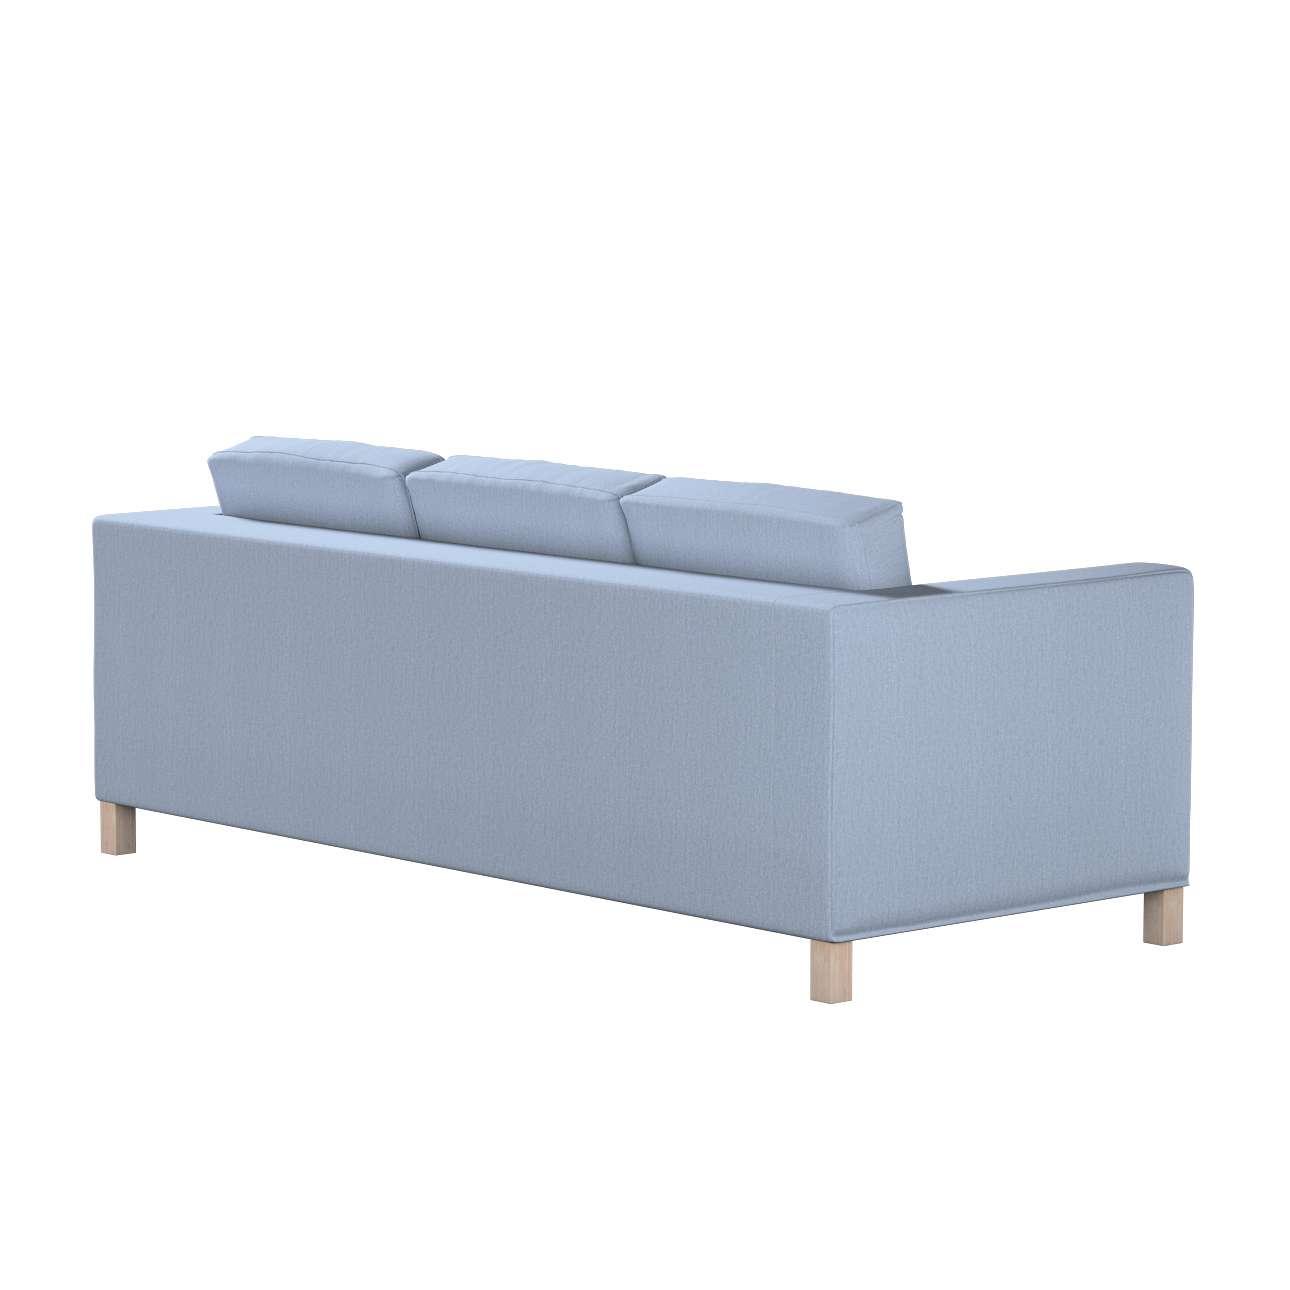 Potah na pohovku IKEA  Karlanda 3-místná nerozkládací, krátký v kolekci Chenille, látka: 702-13